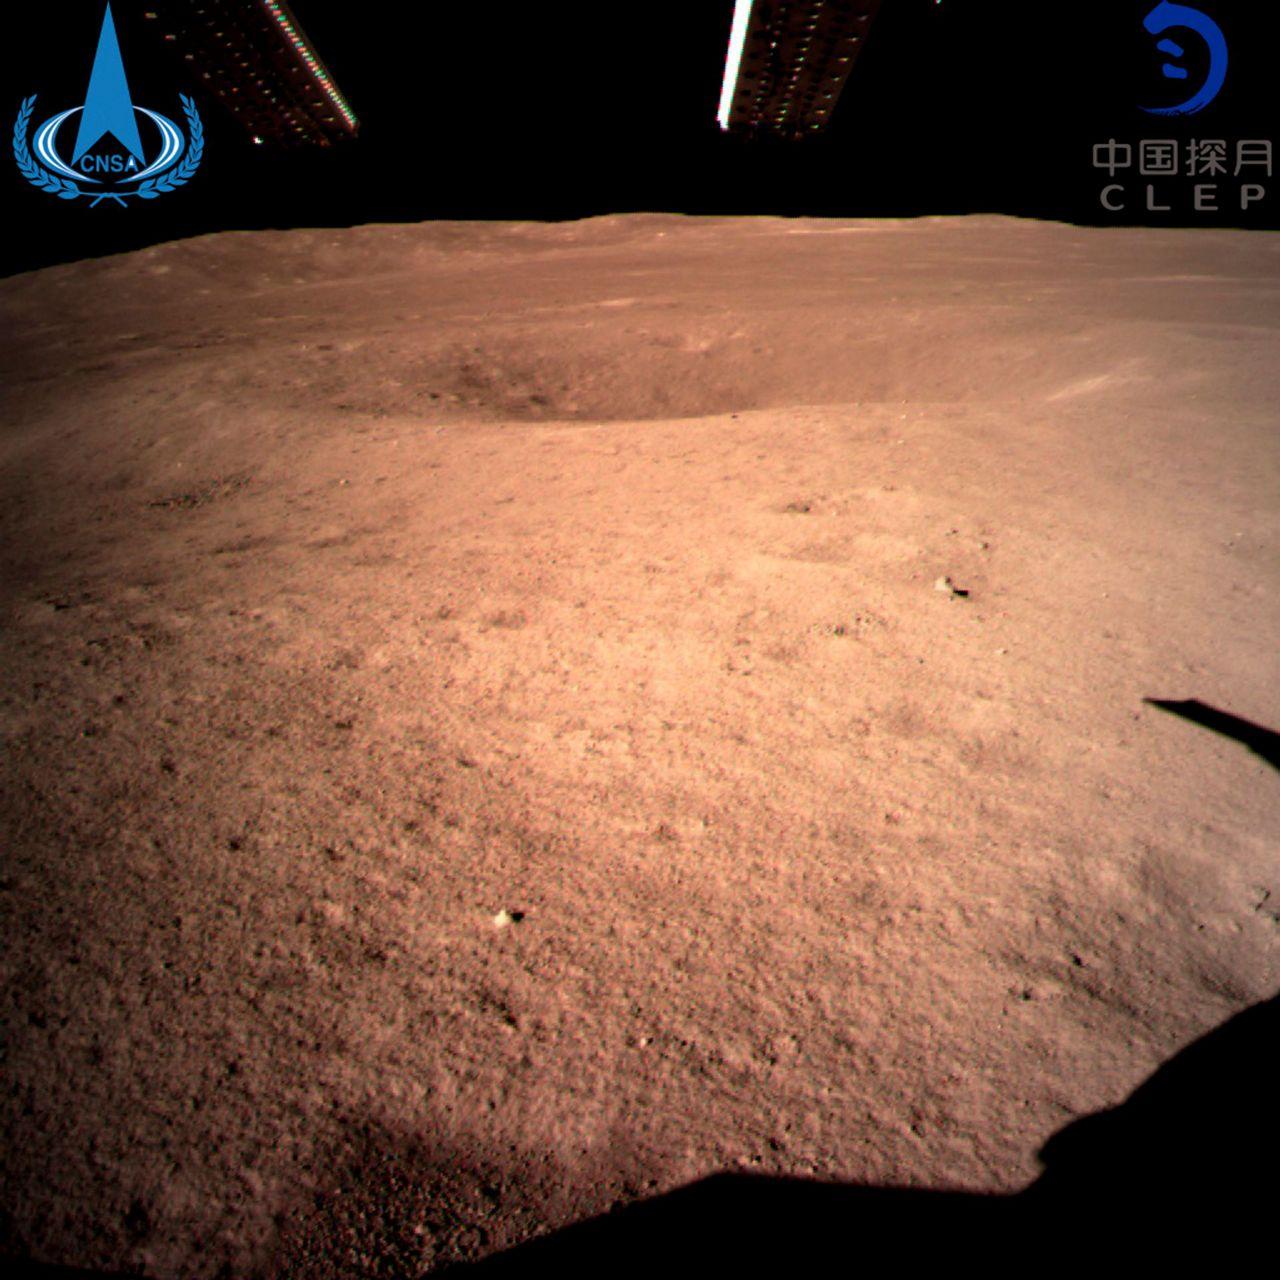 chinese lunar spacecraft - photo #34